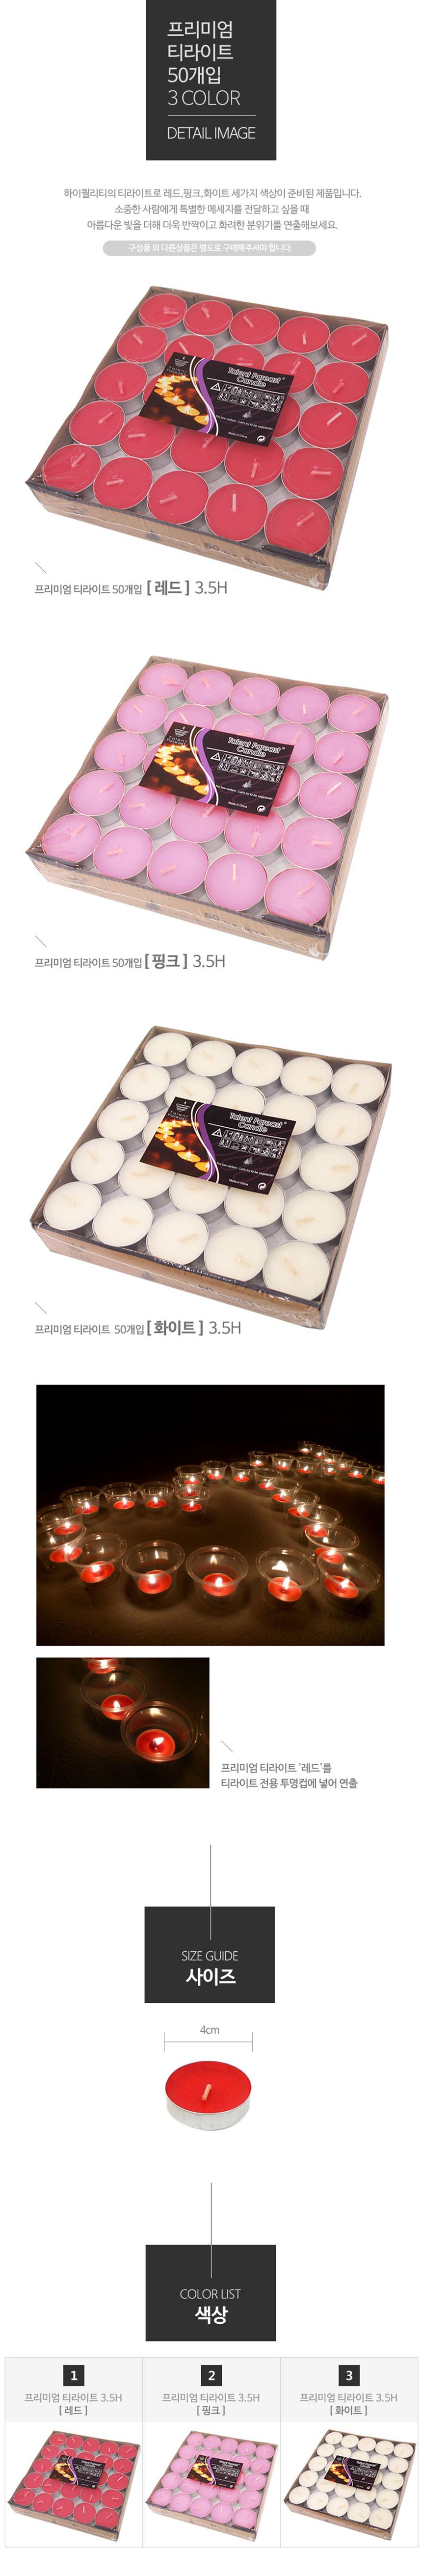 프리미엄 티라이트캔들 50개입 [핑크] 3.5H _partypang - 파티팡, 7,000원, 파티용품, 데코/장식용품